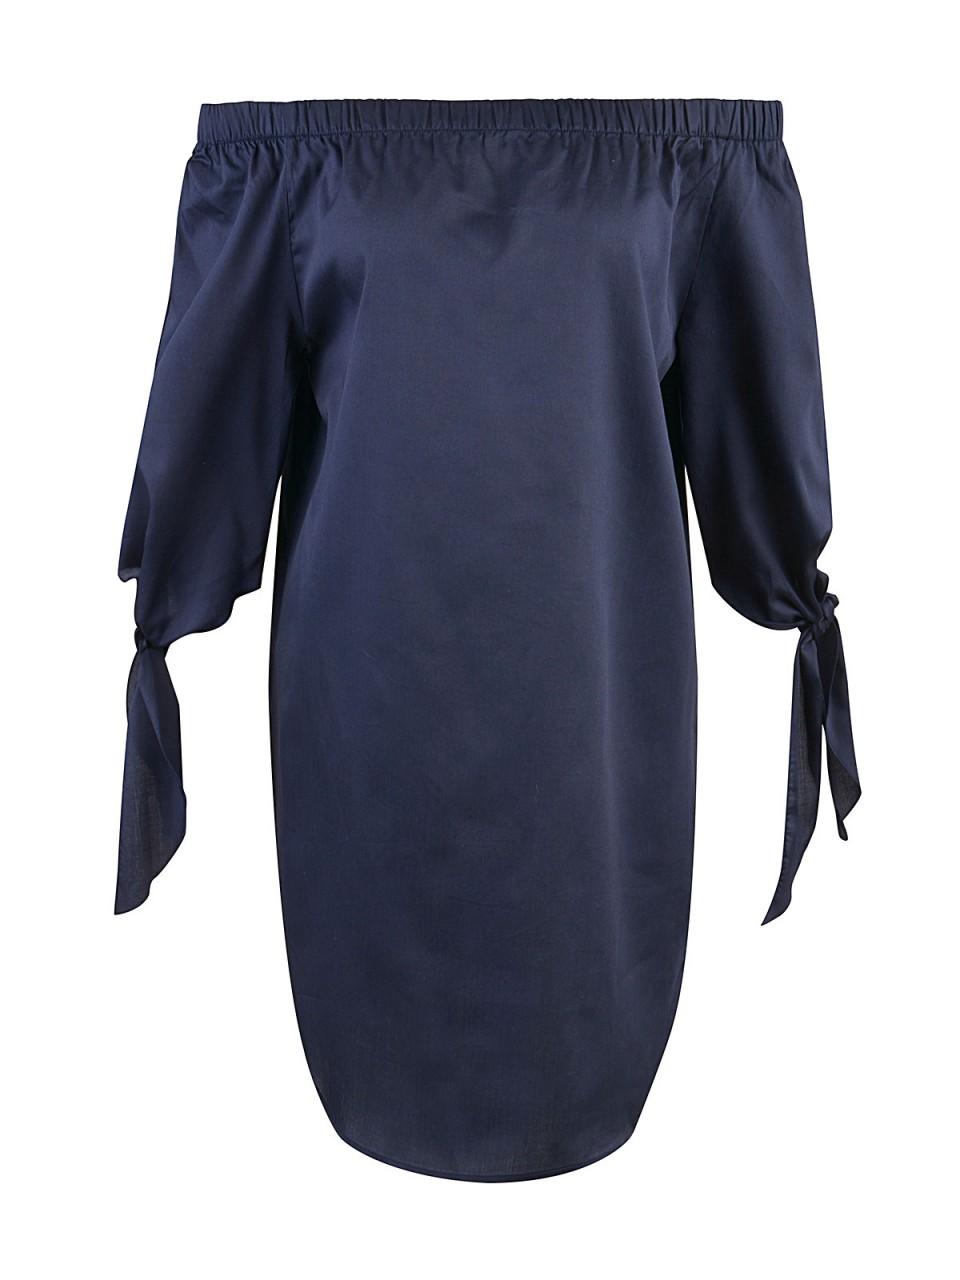 Kleider - MILANO ITALY Damen Kleid, dunkelblau  - Onlineshop Designermode.com